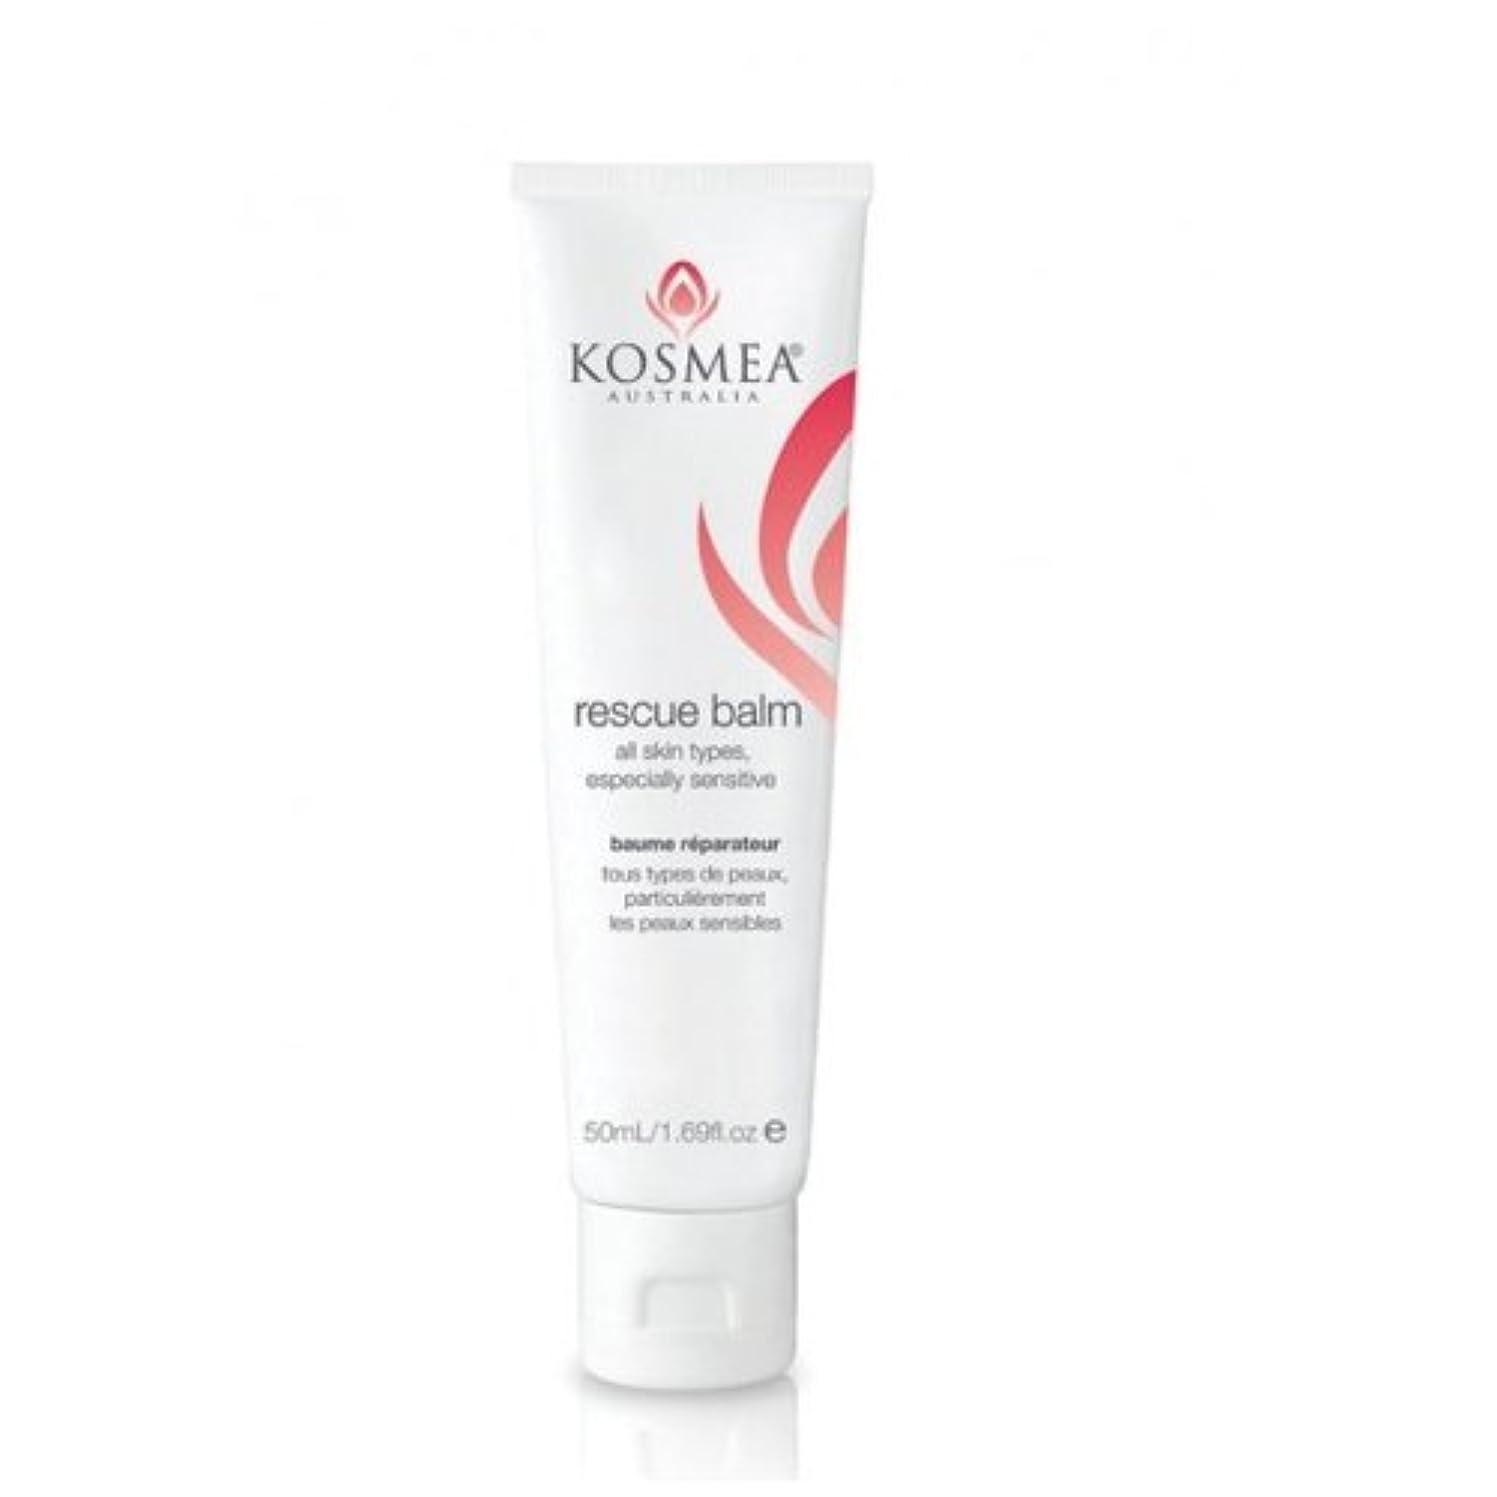 マウスために比率【KOSMEA】Skin Clinic TM Rescue Balm コスメア レスキューバーム 50ml【並行輸入品】【海外直送品】